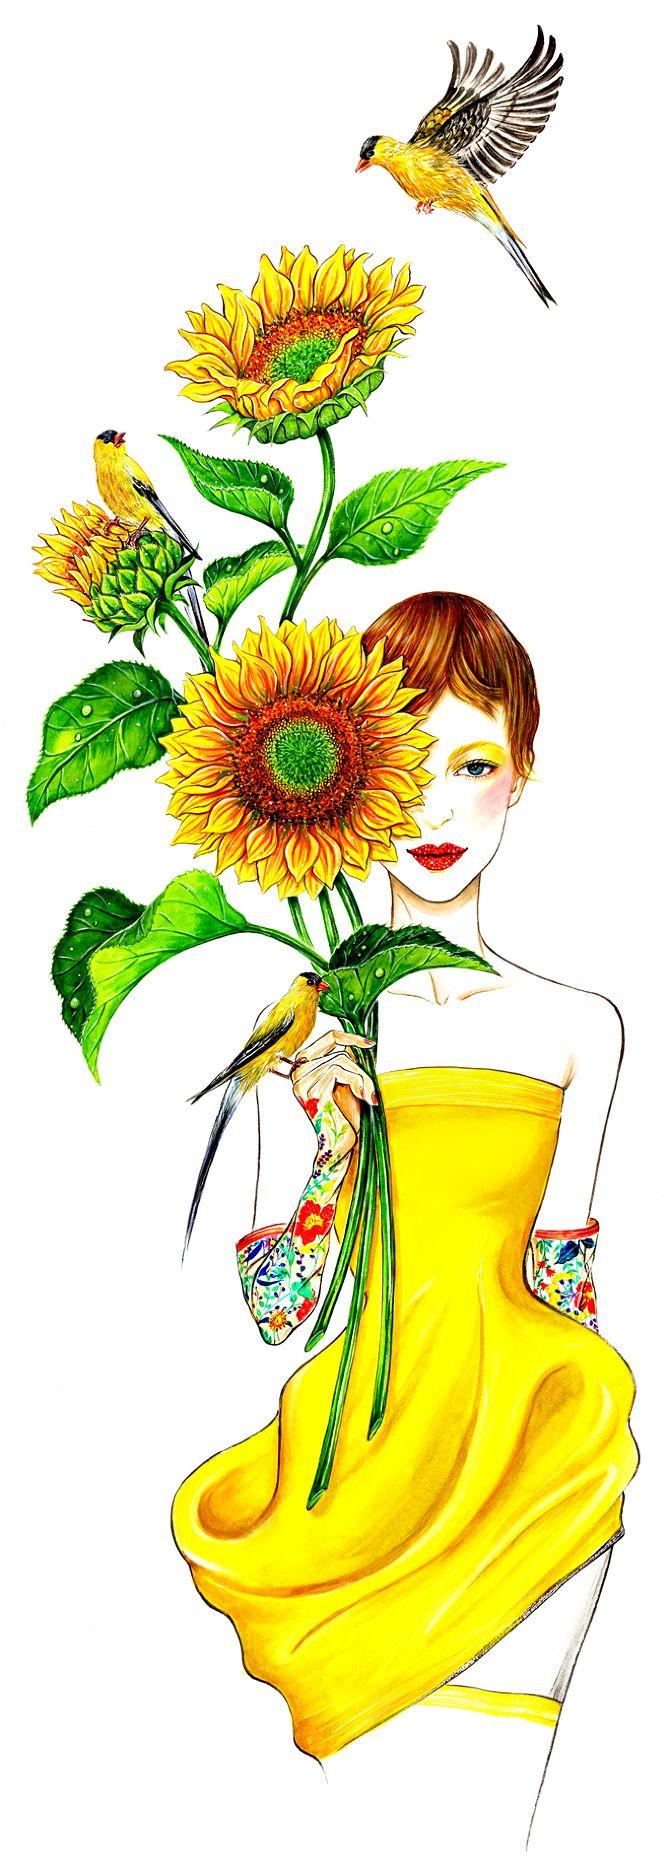 Fashion Dreams - Sunny Gu #illustration